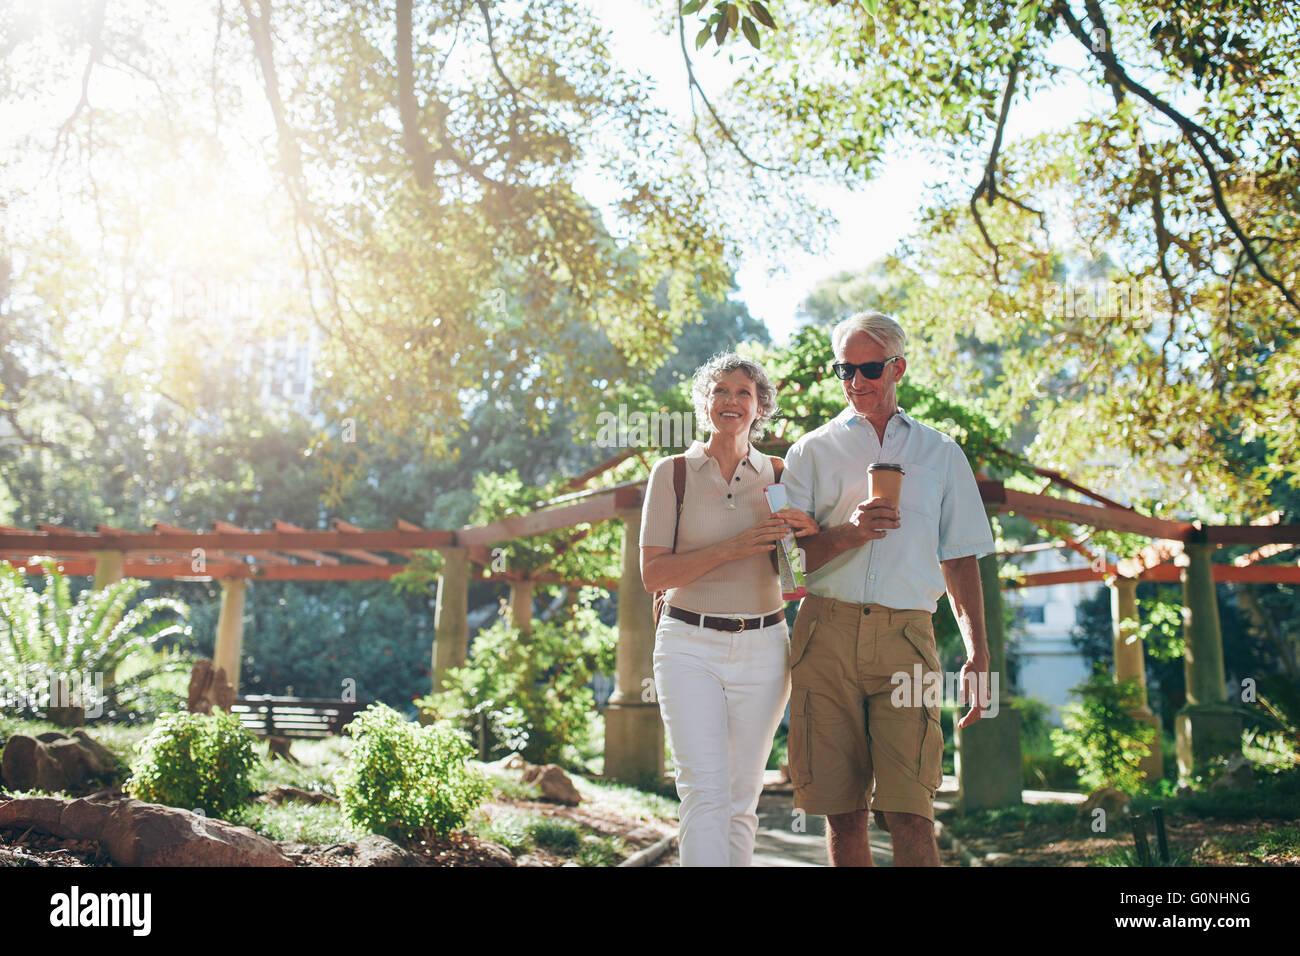 Porträt des Paares der senior touristischen Spaziergang durch einen Park an einem Sommertag. Älteres Paar in den Stockfoto